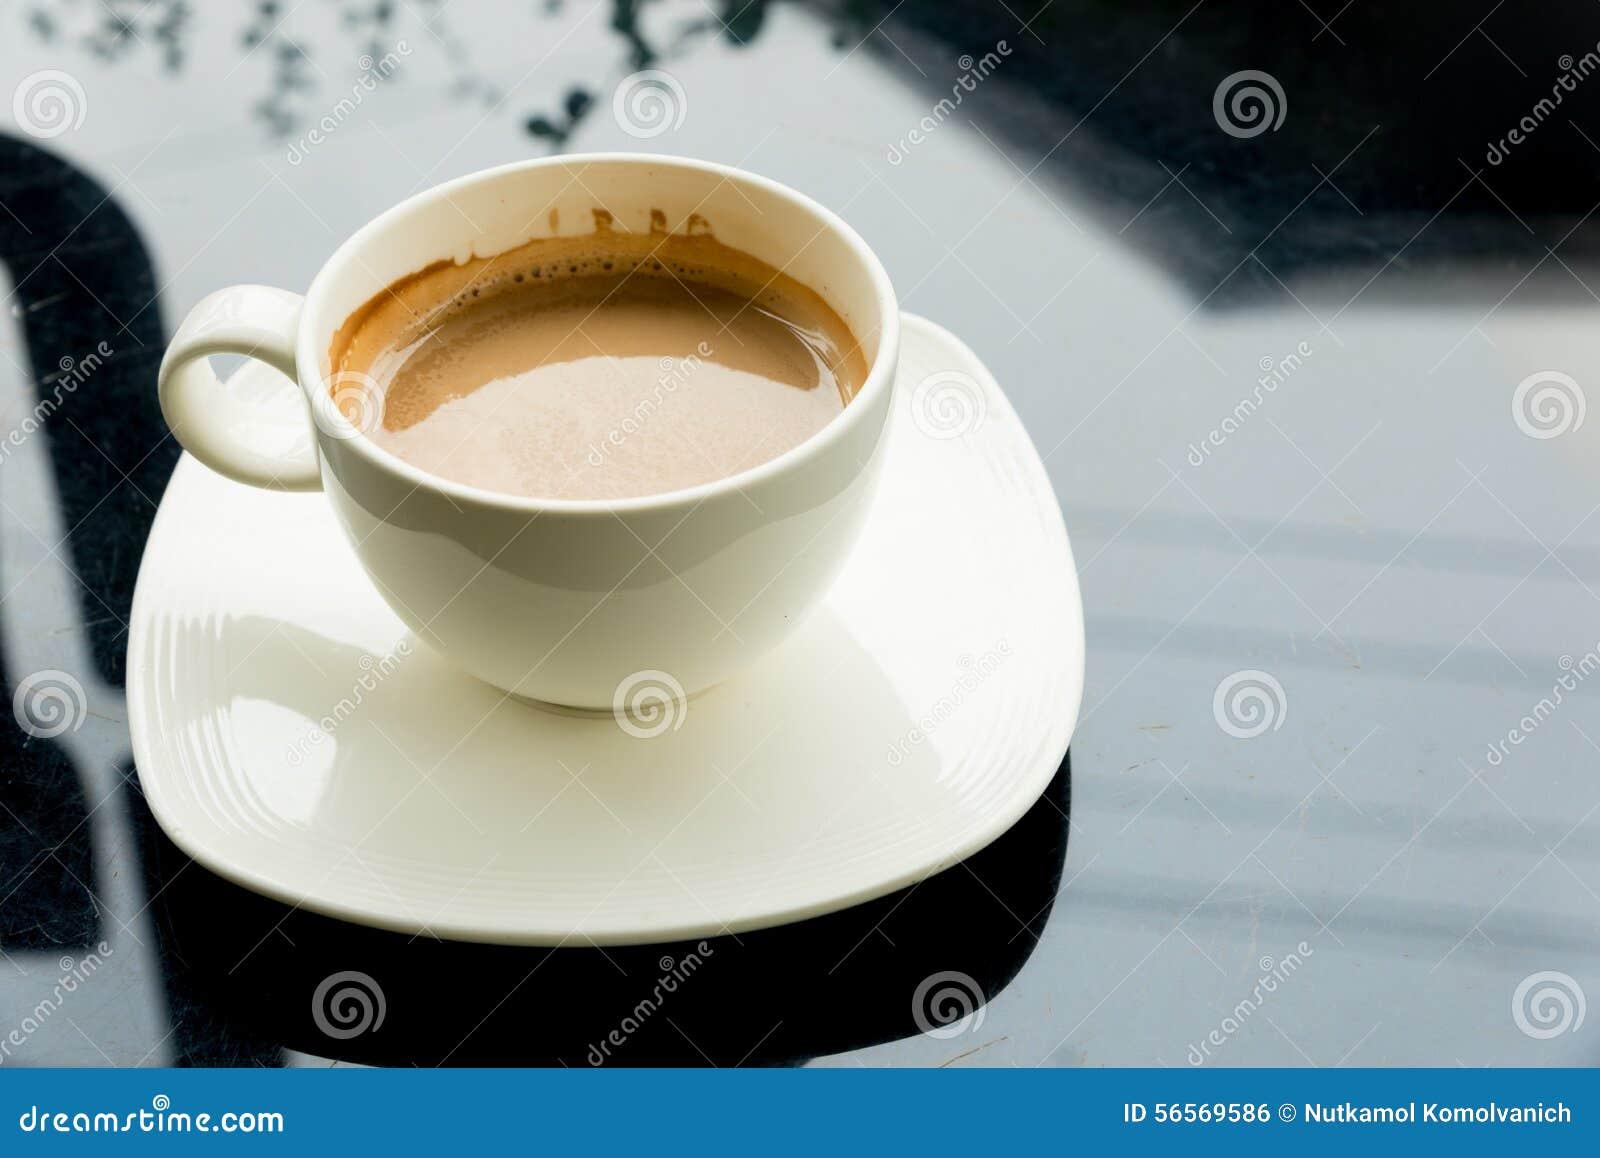 Download Φλυτζάνι καφέ στο μαύρο πίνακα Στοκ Εικόνες - εικόνα από άσπρος, διακοπής: 56569586